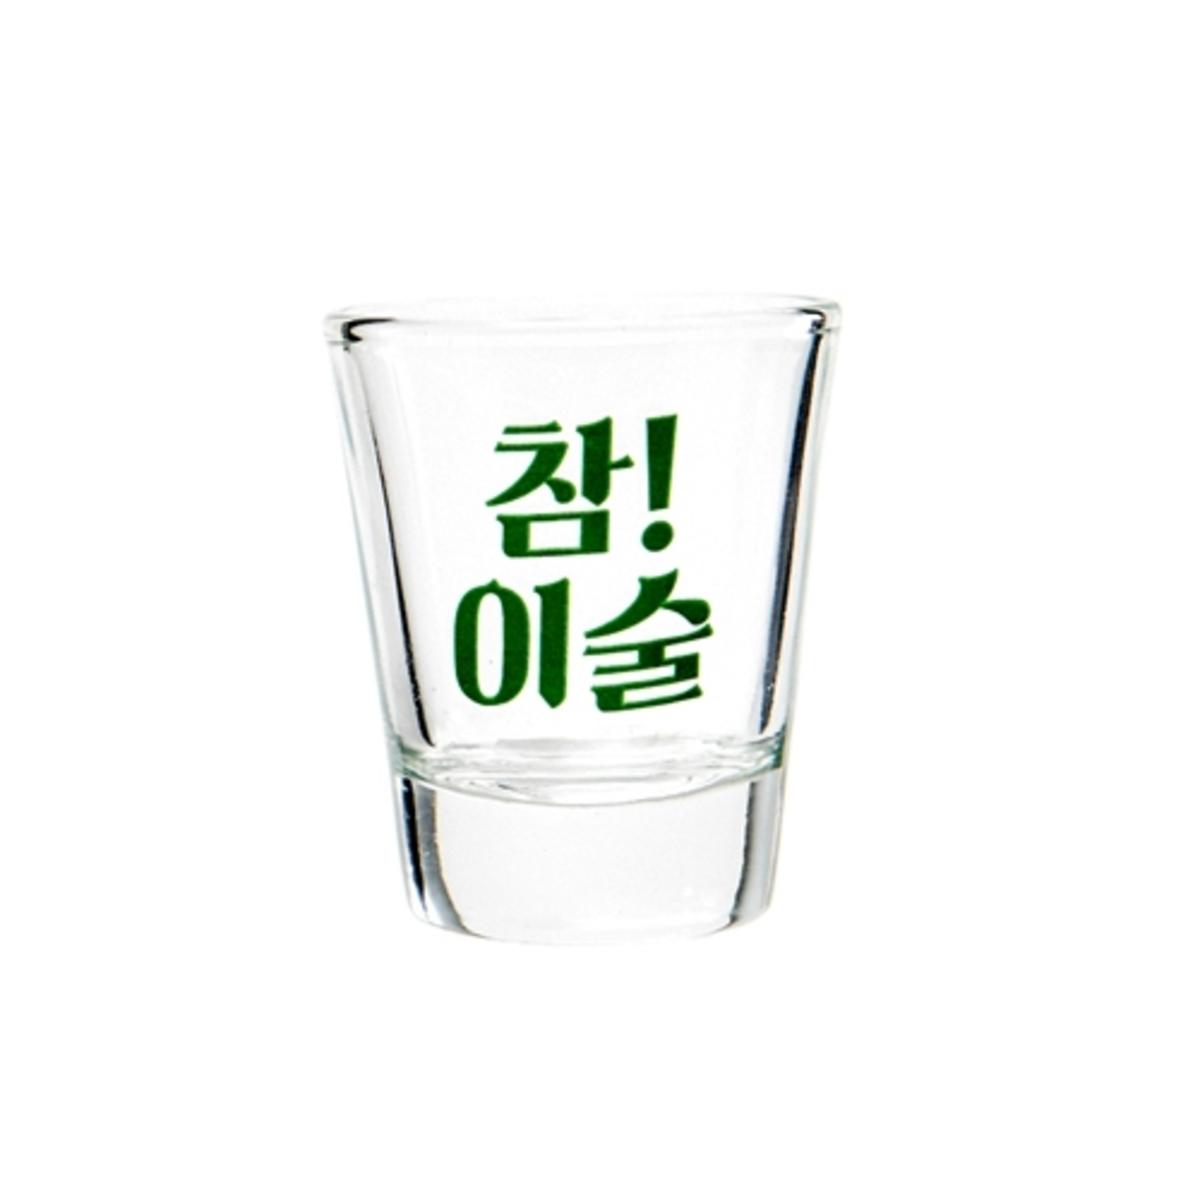 燒酒杯 | 韓國直送